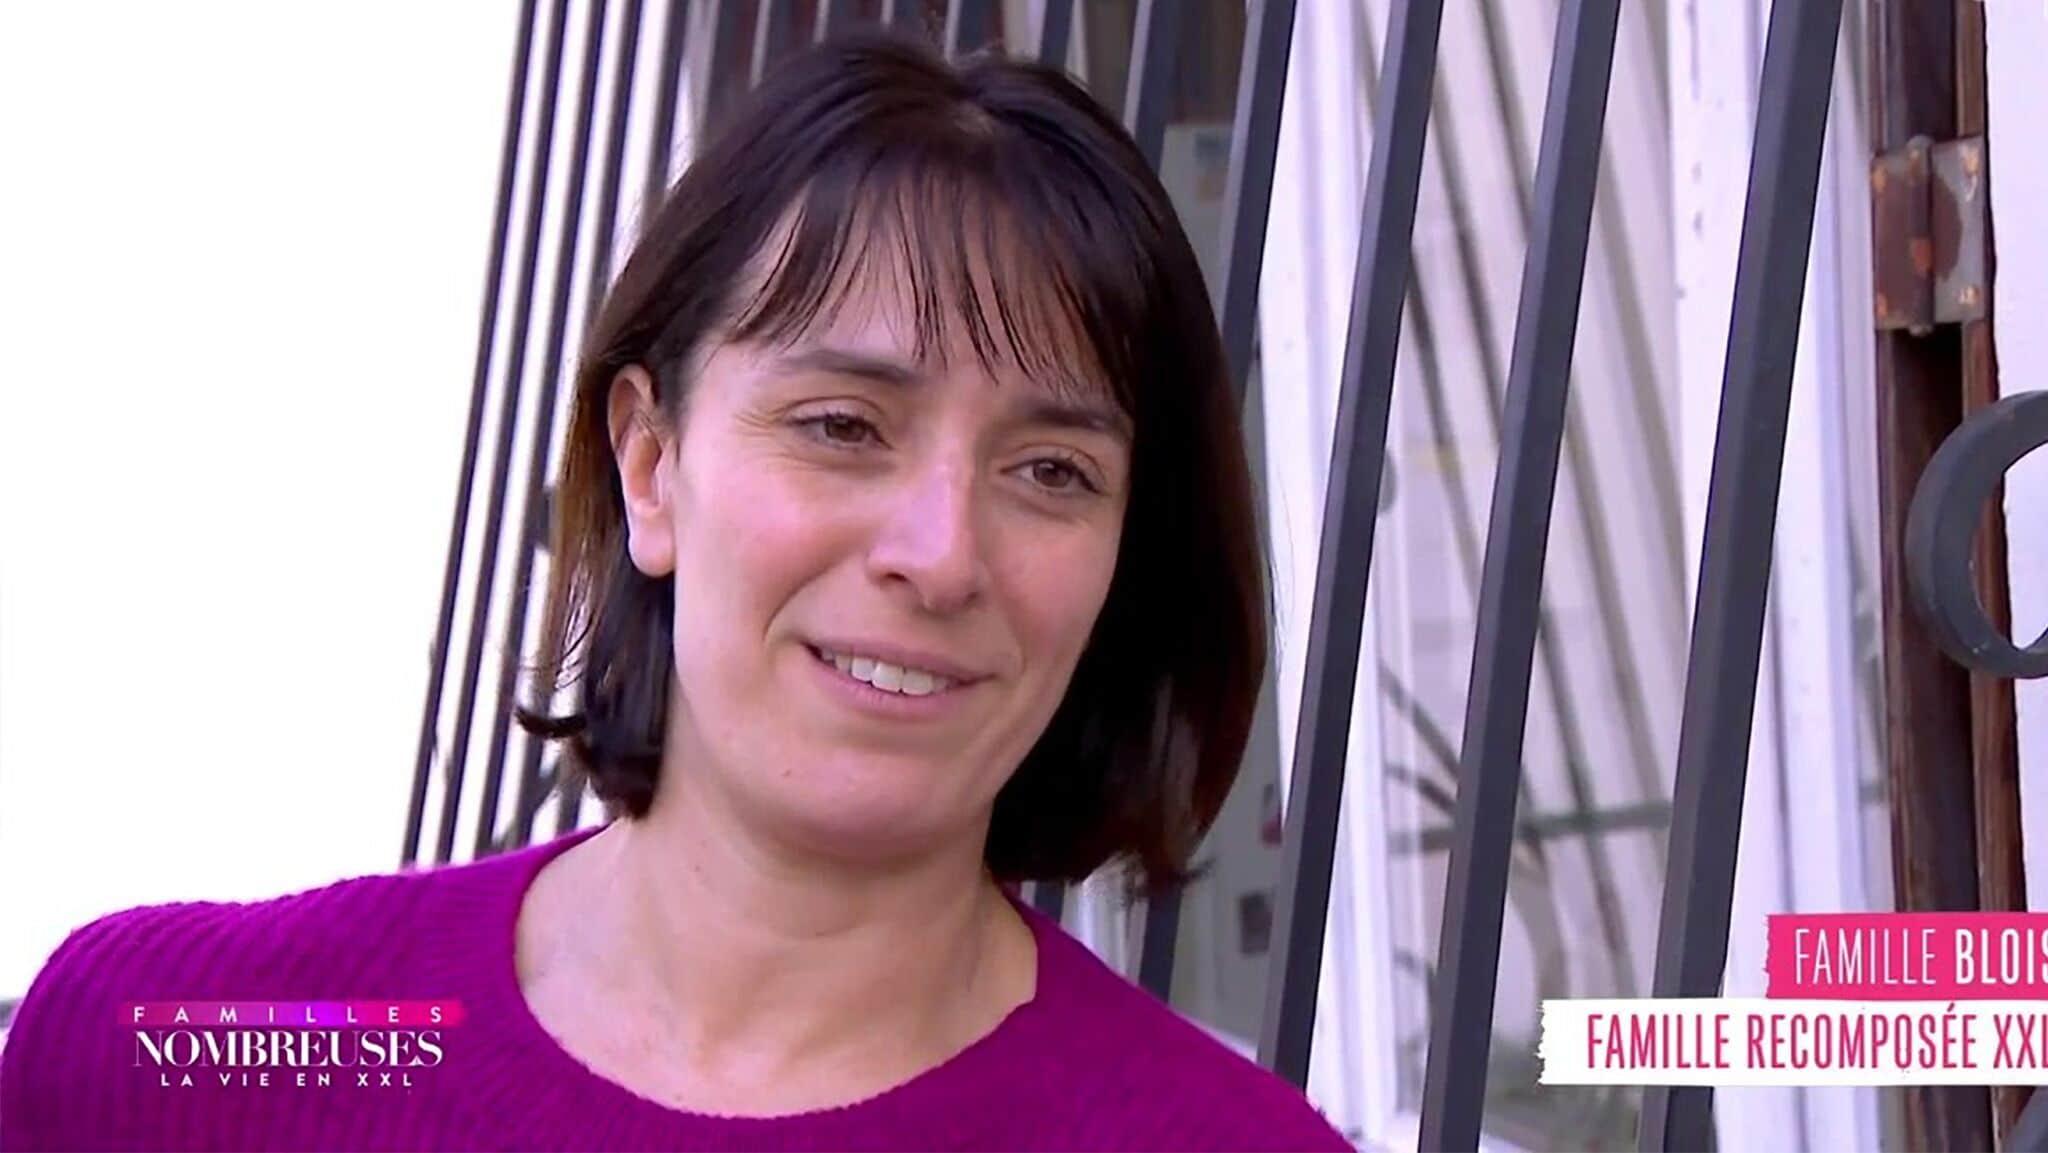 Diana Blois